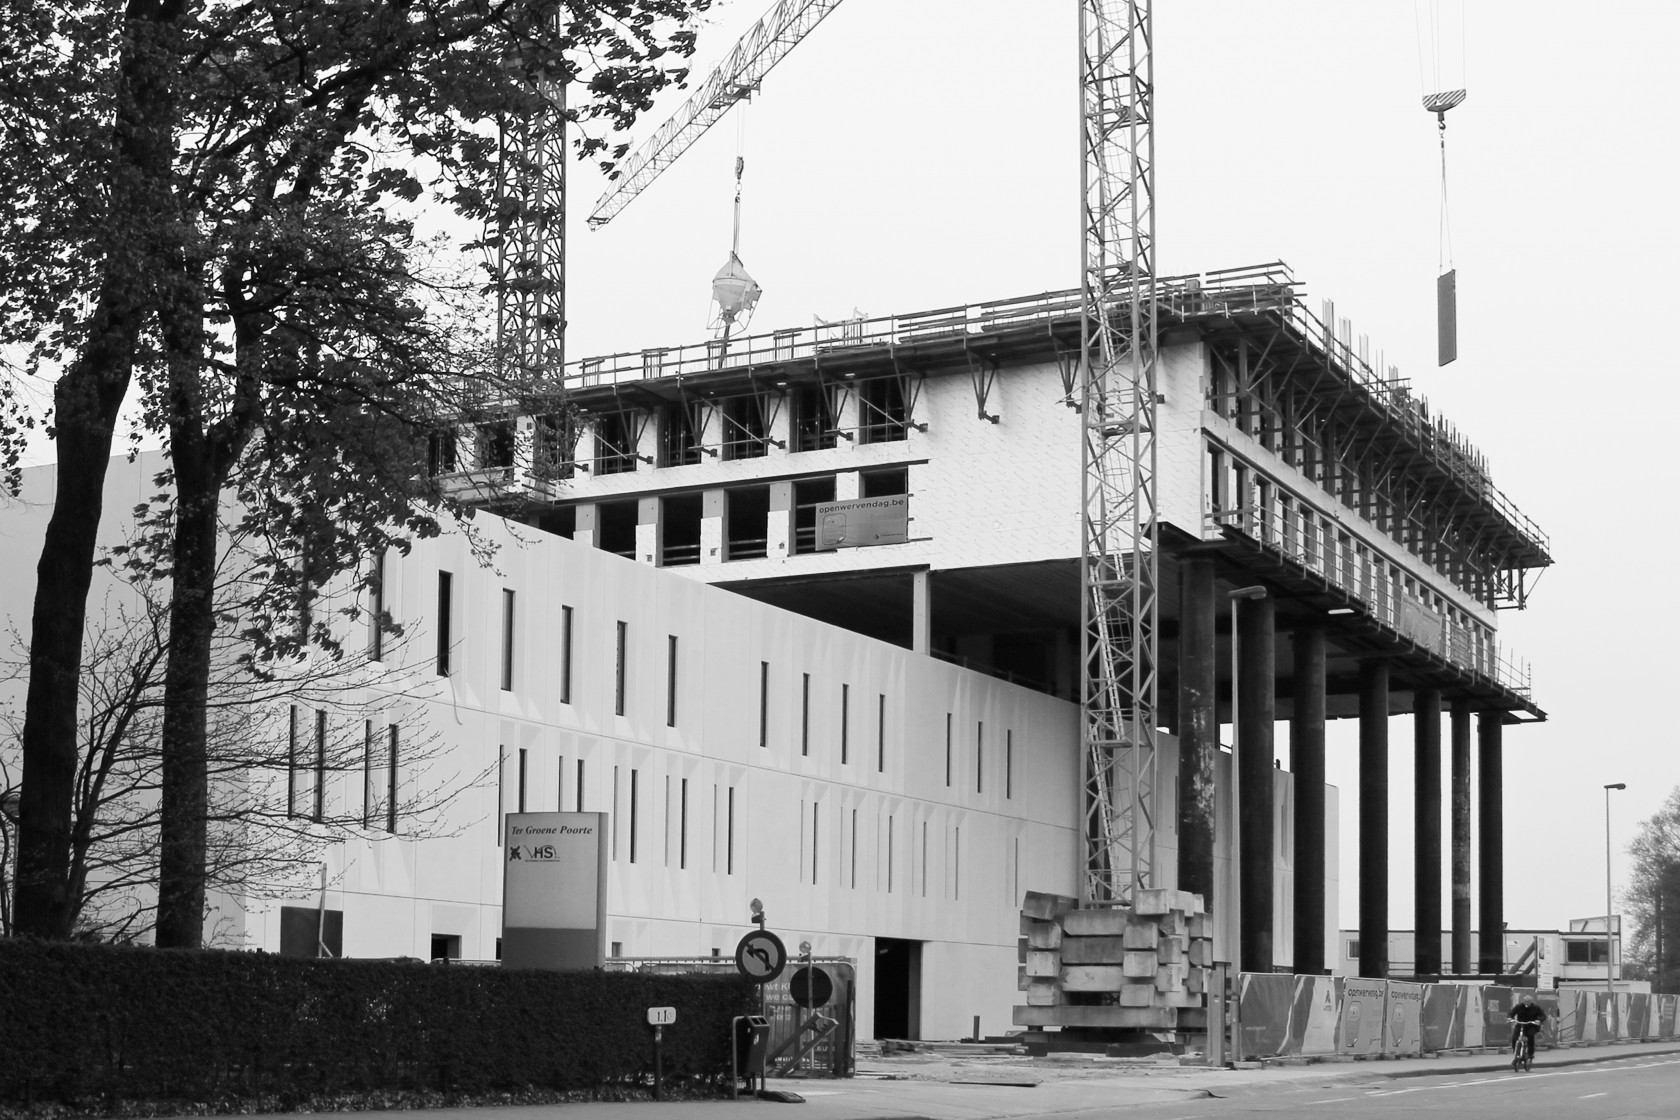 Abscis Architecten - Werf faculteit industriële en biowetenschappen Brugge